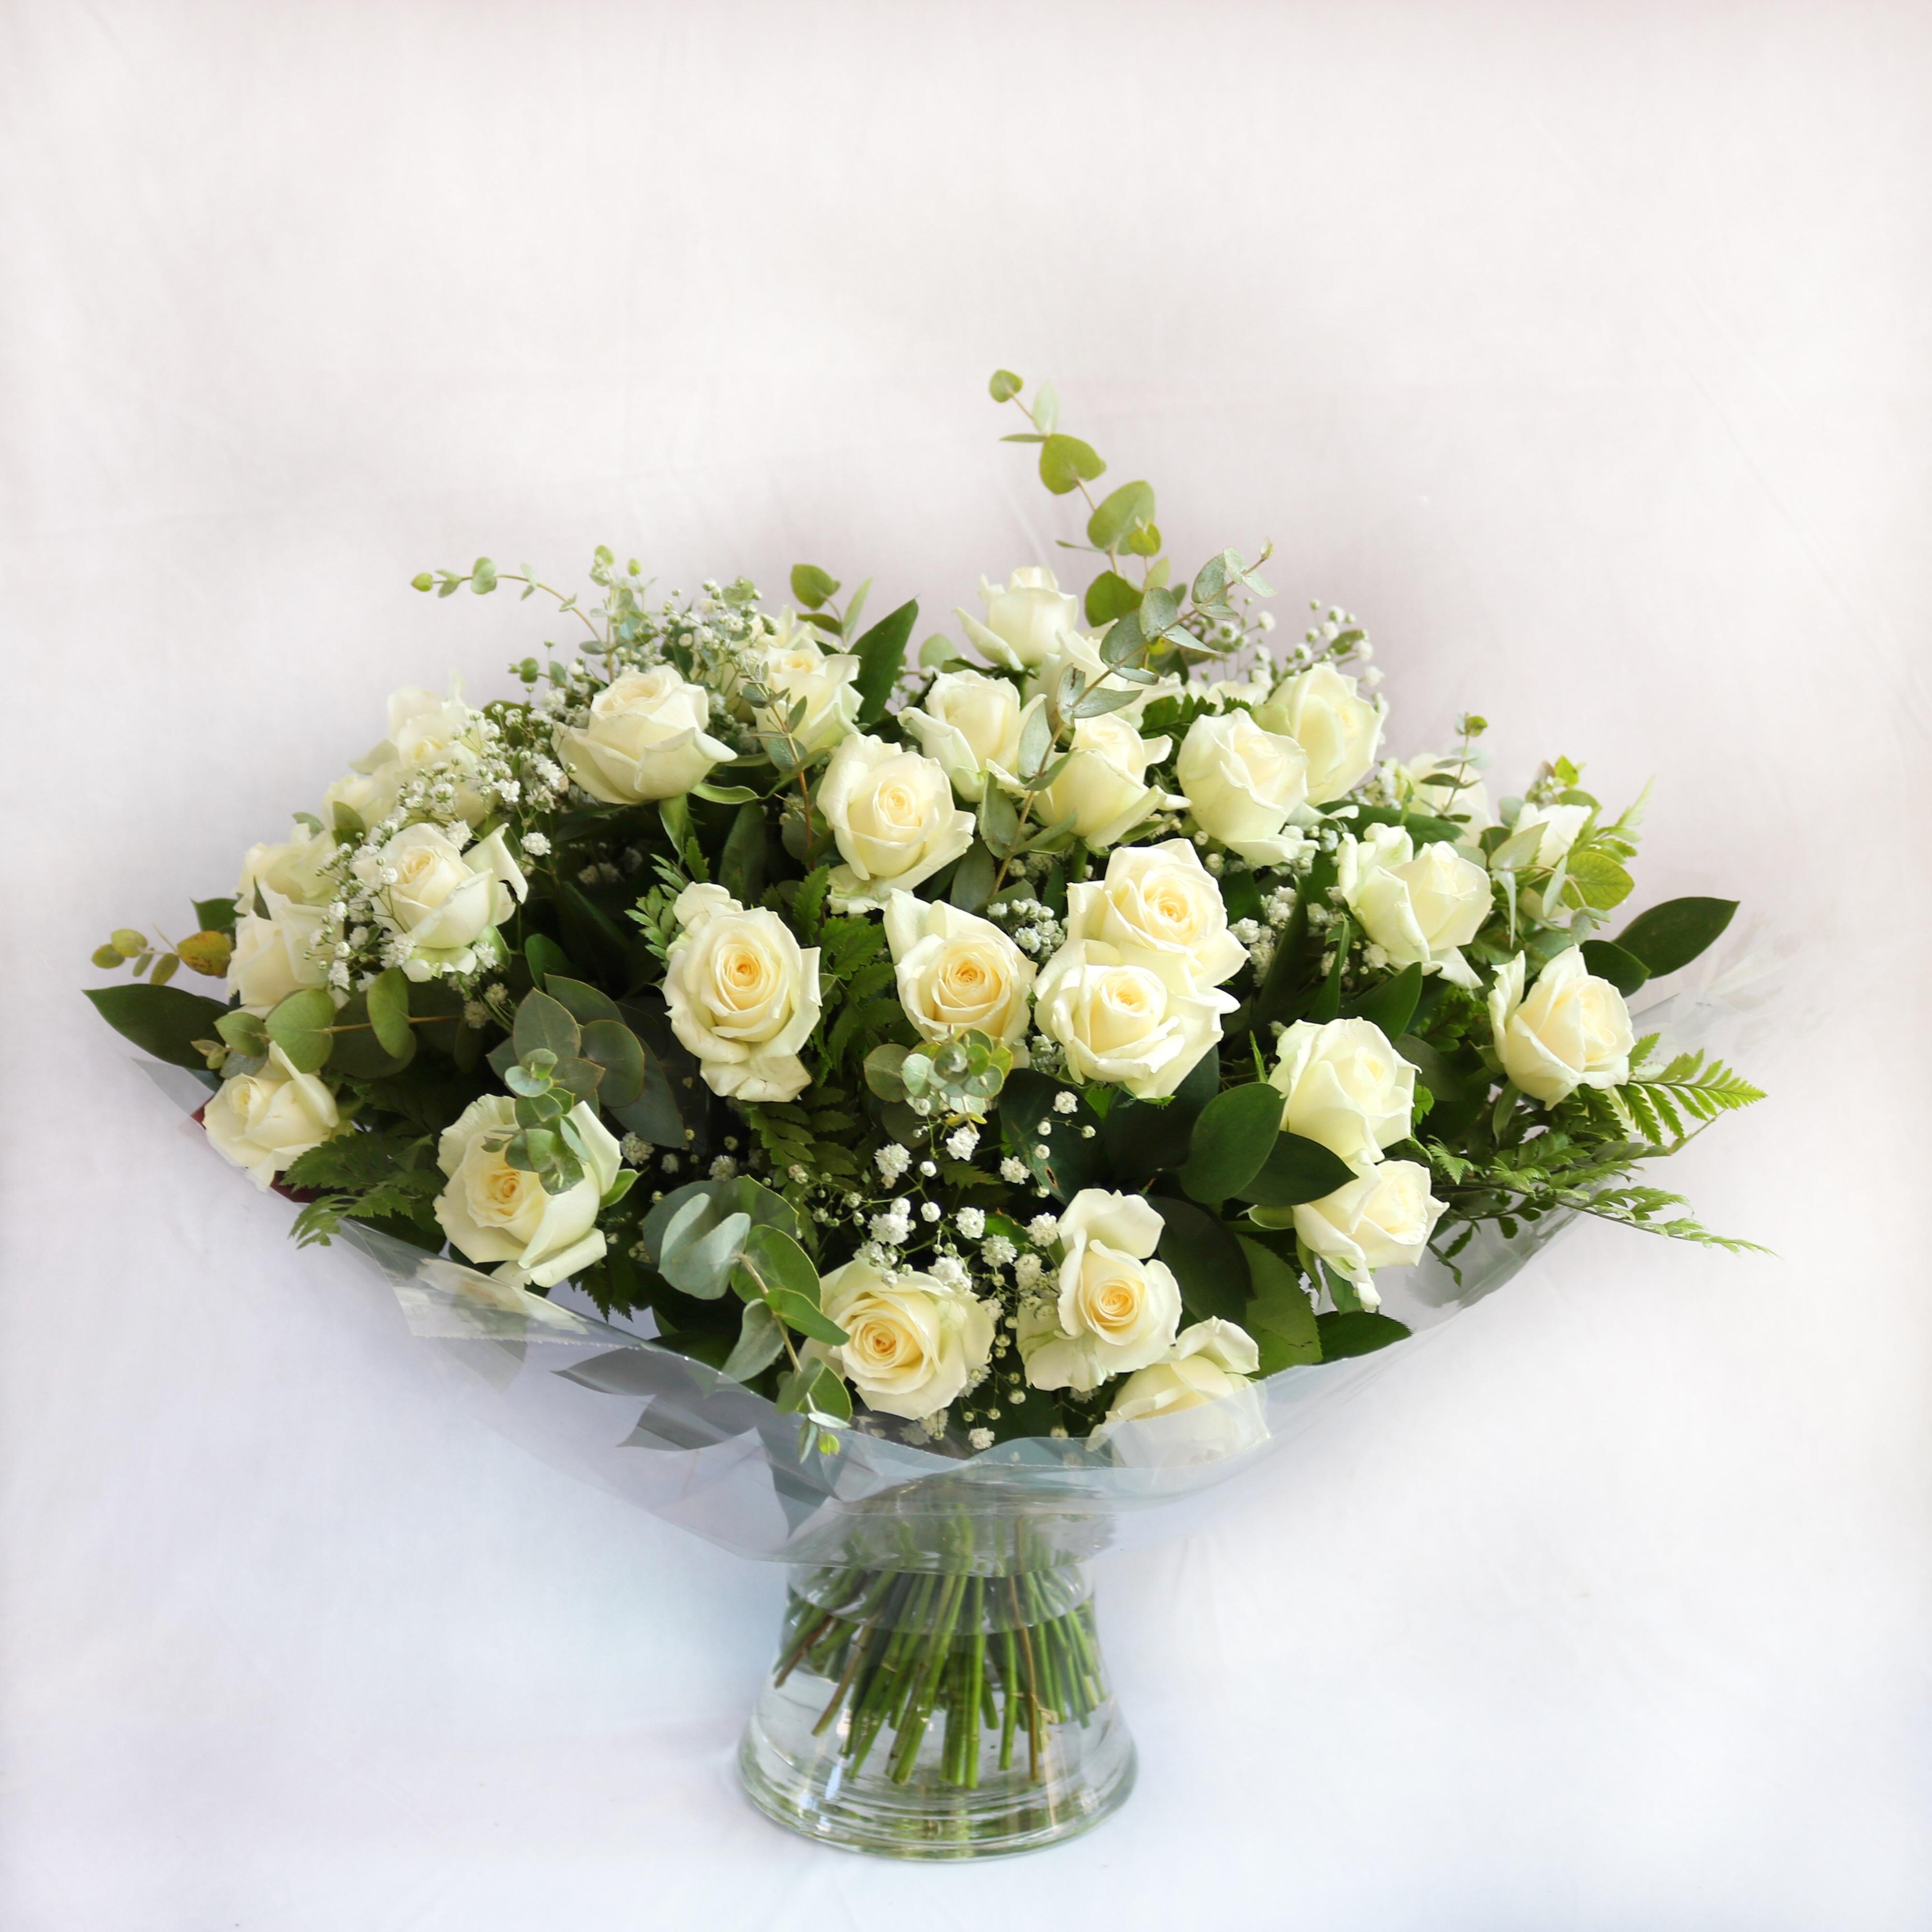 ורדים לבן בגדול